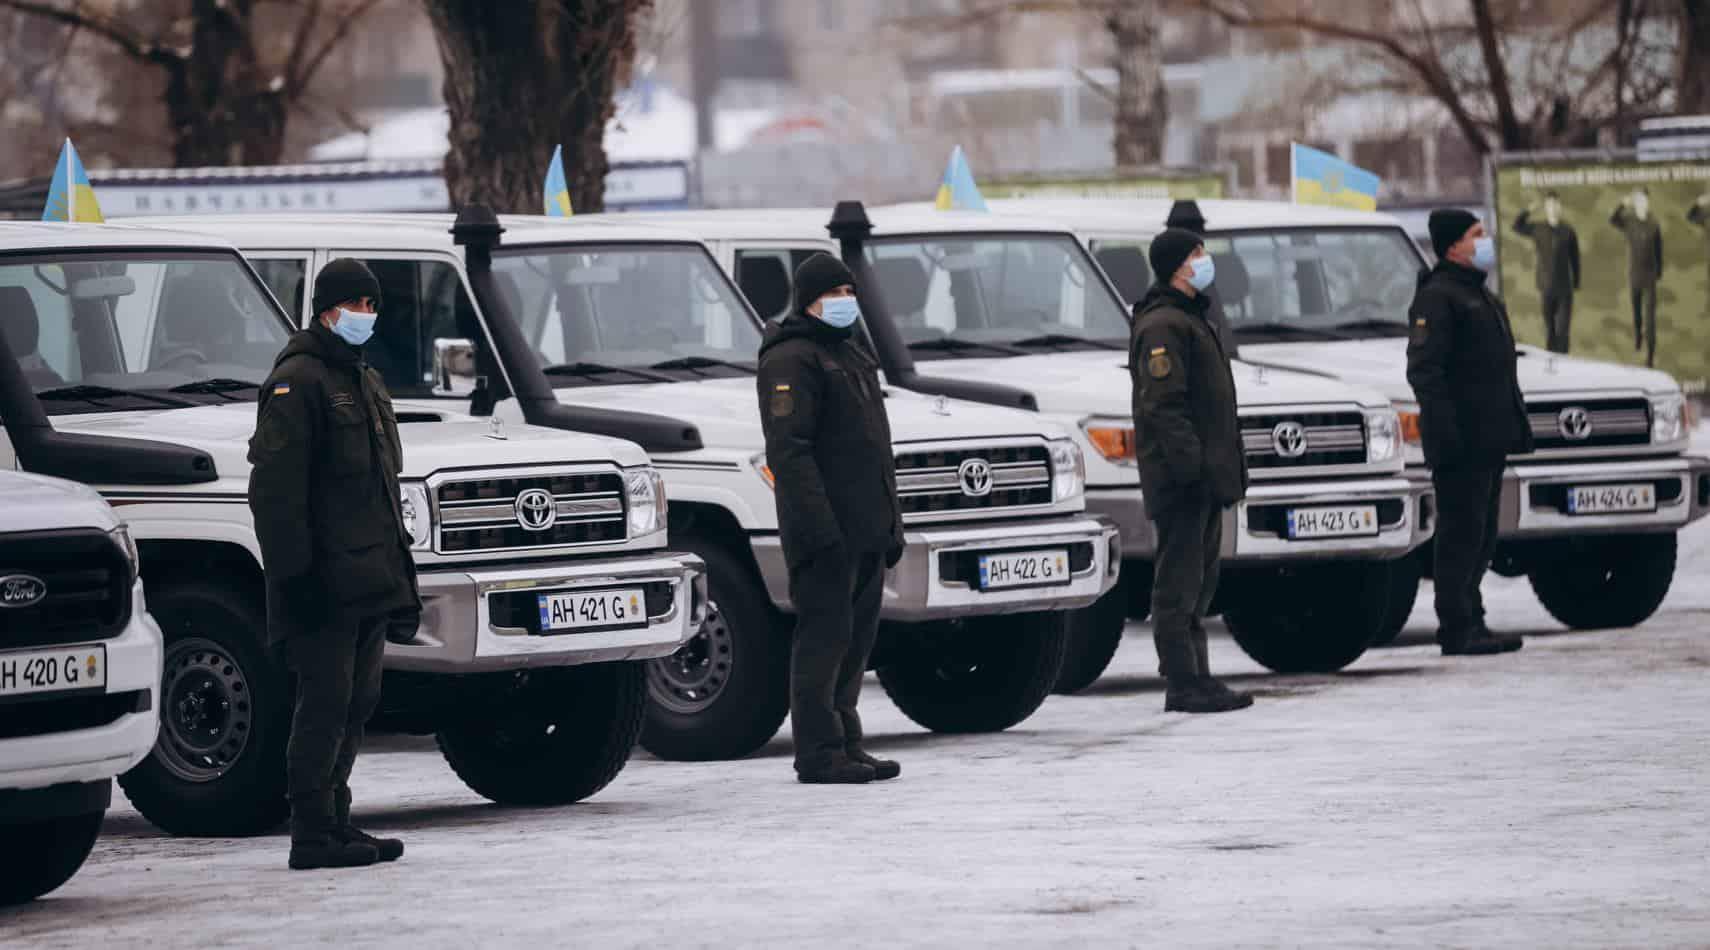 15-й Слов'янський полк Нацгвардії отримав автотехніку. Січень 2021. Фото: НГУ/МВС